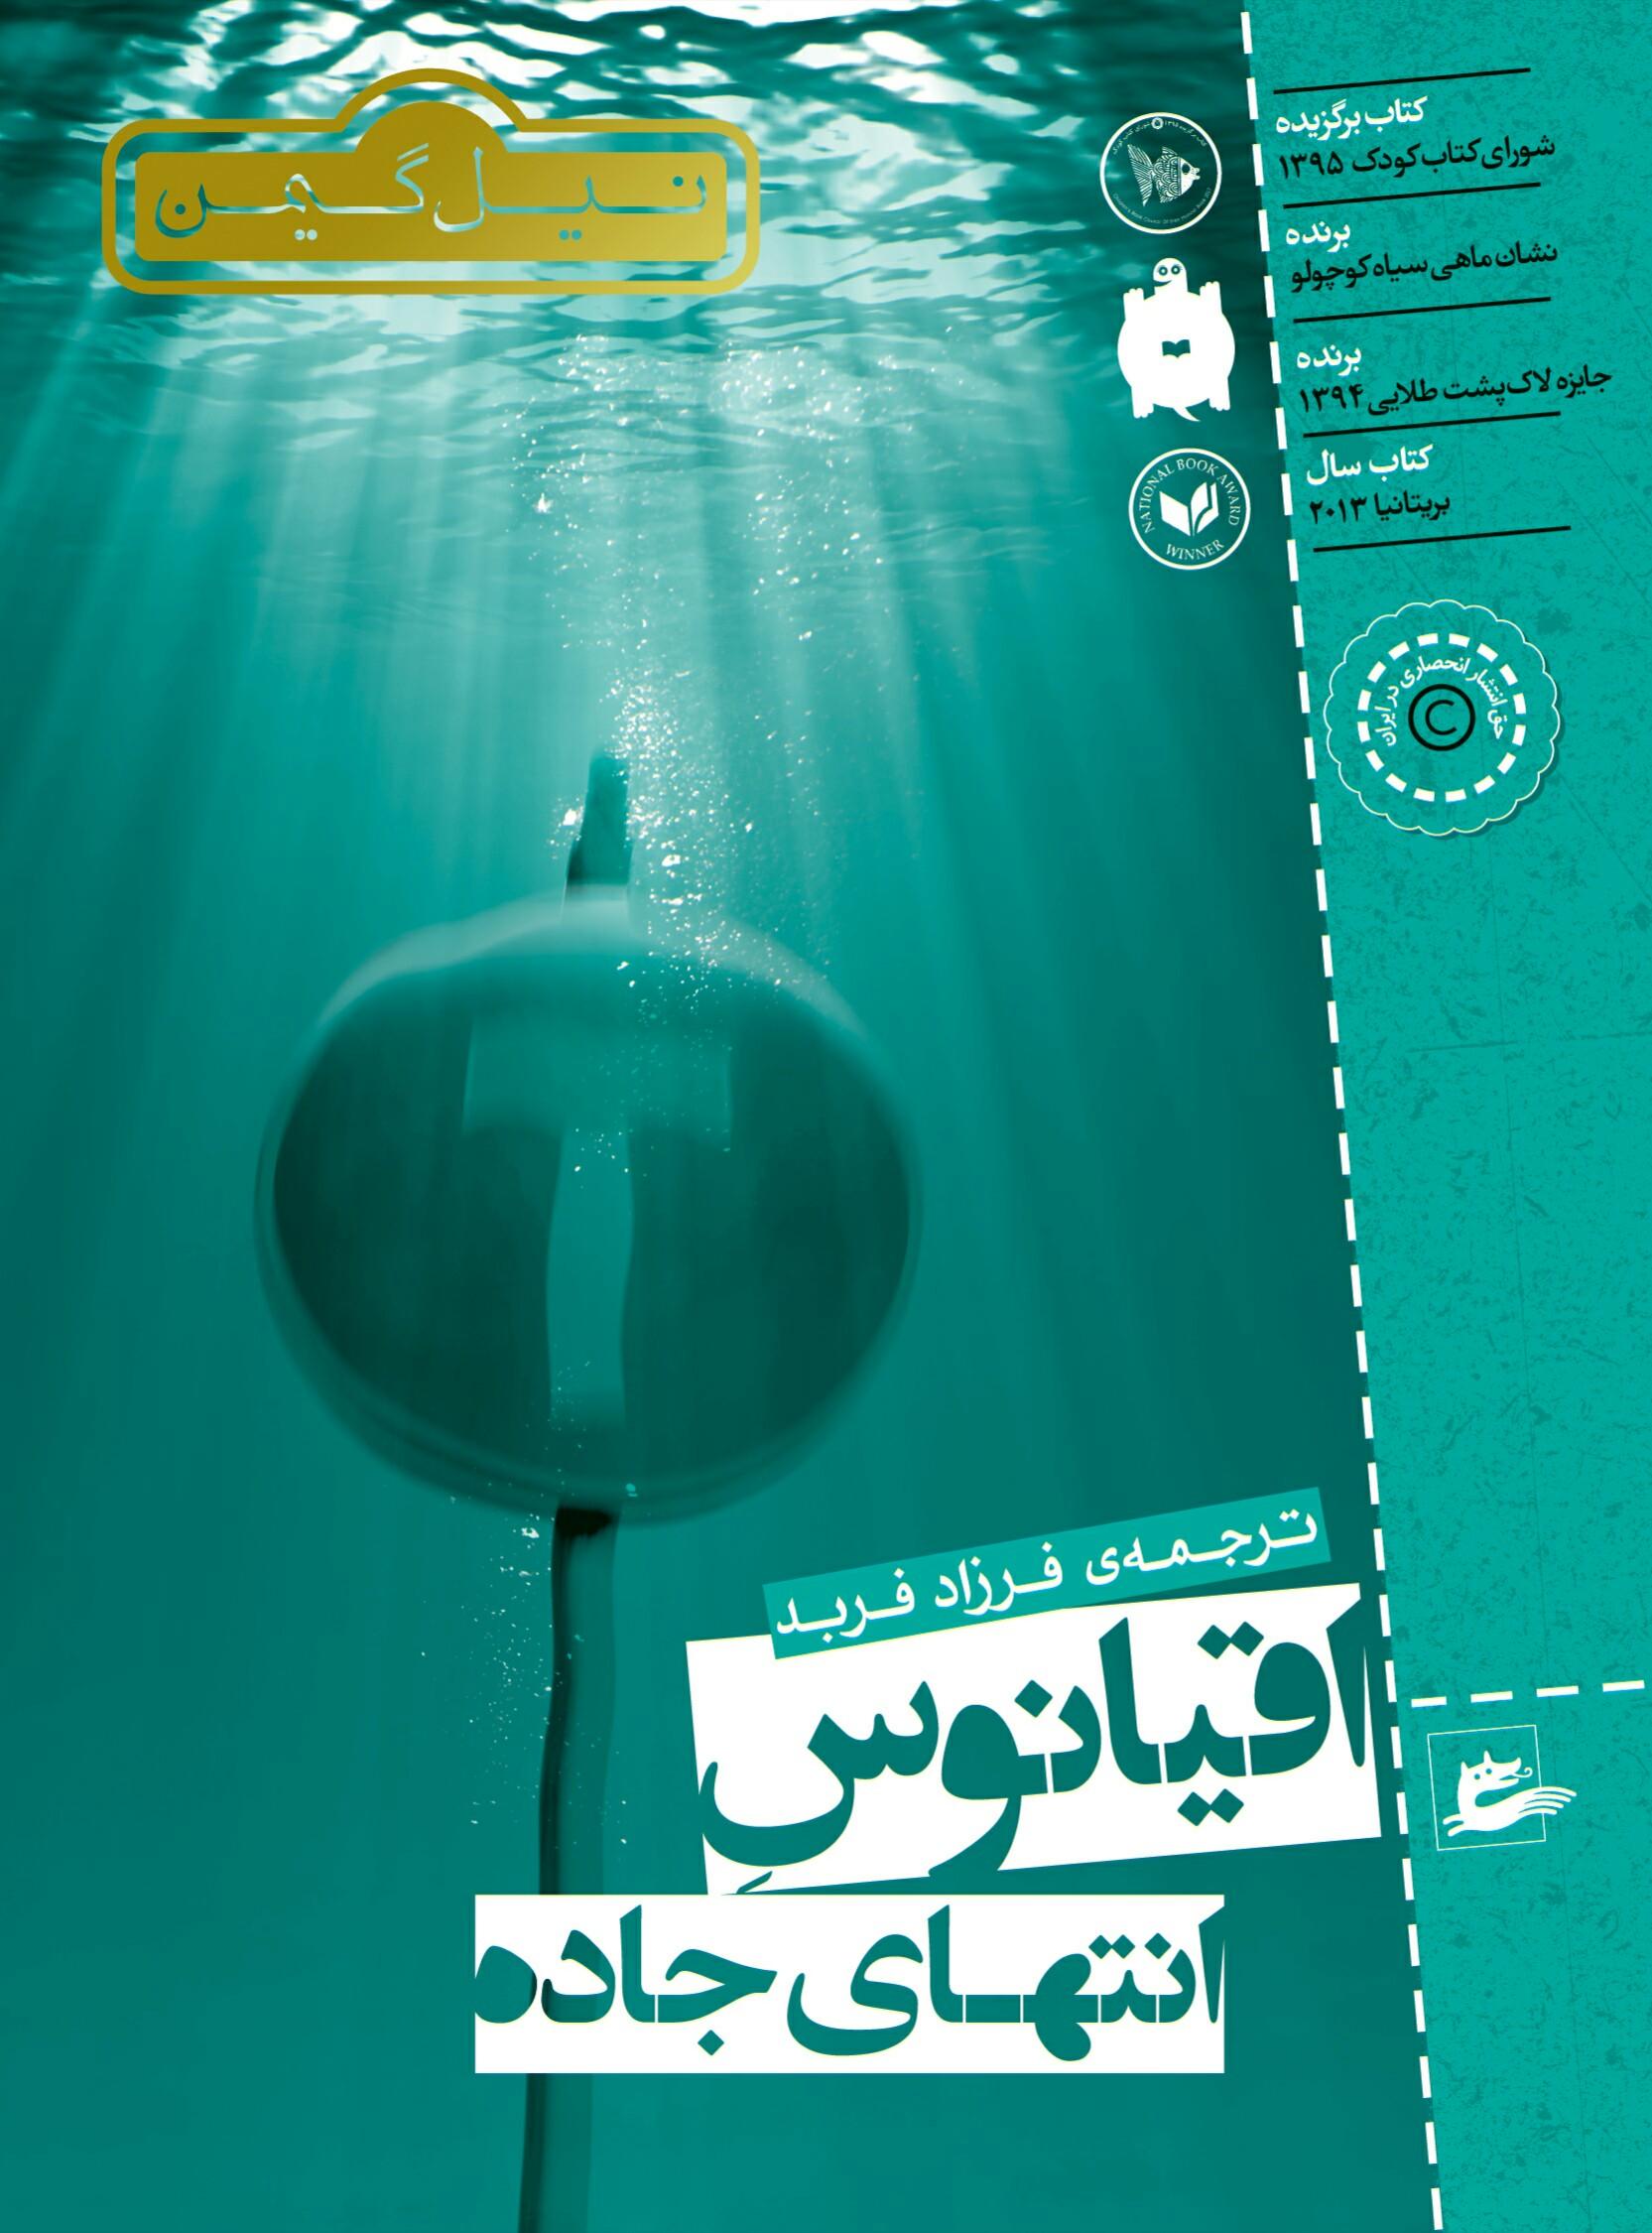 Oceanen vid vägens slut (persiska: Oghyanos-e entehay-e jadeh) av Neil Gaiman